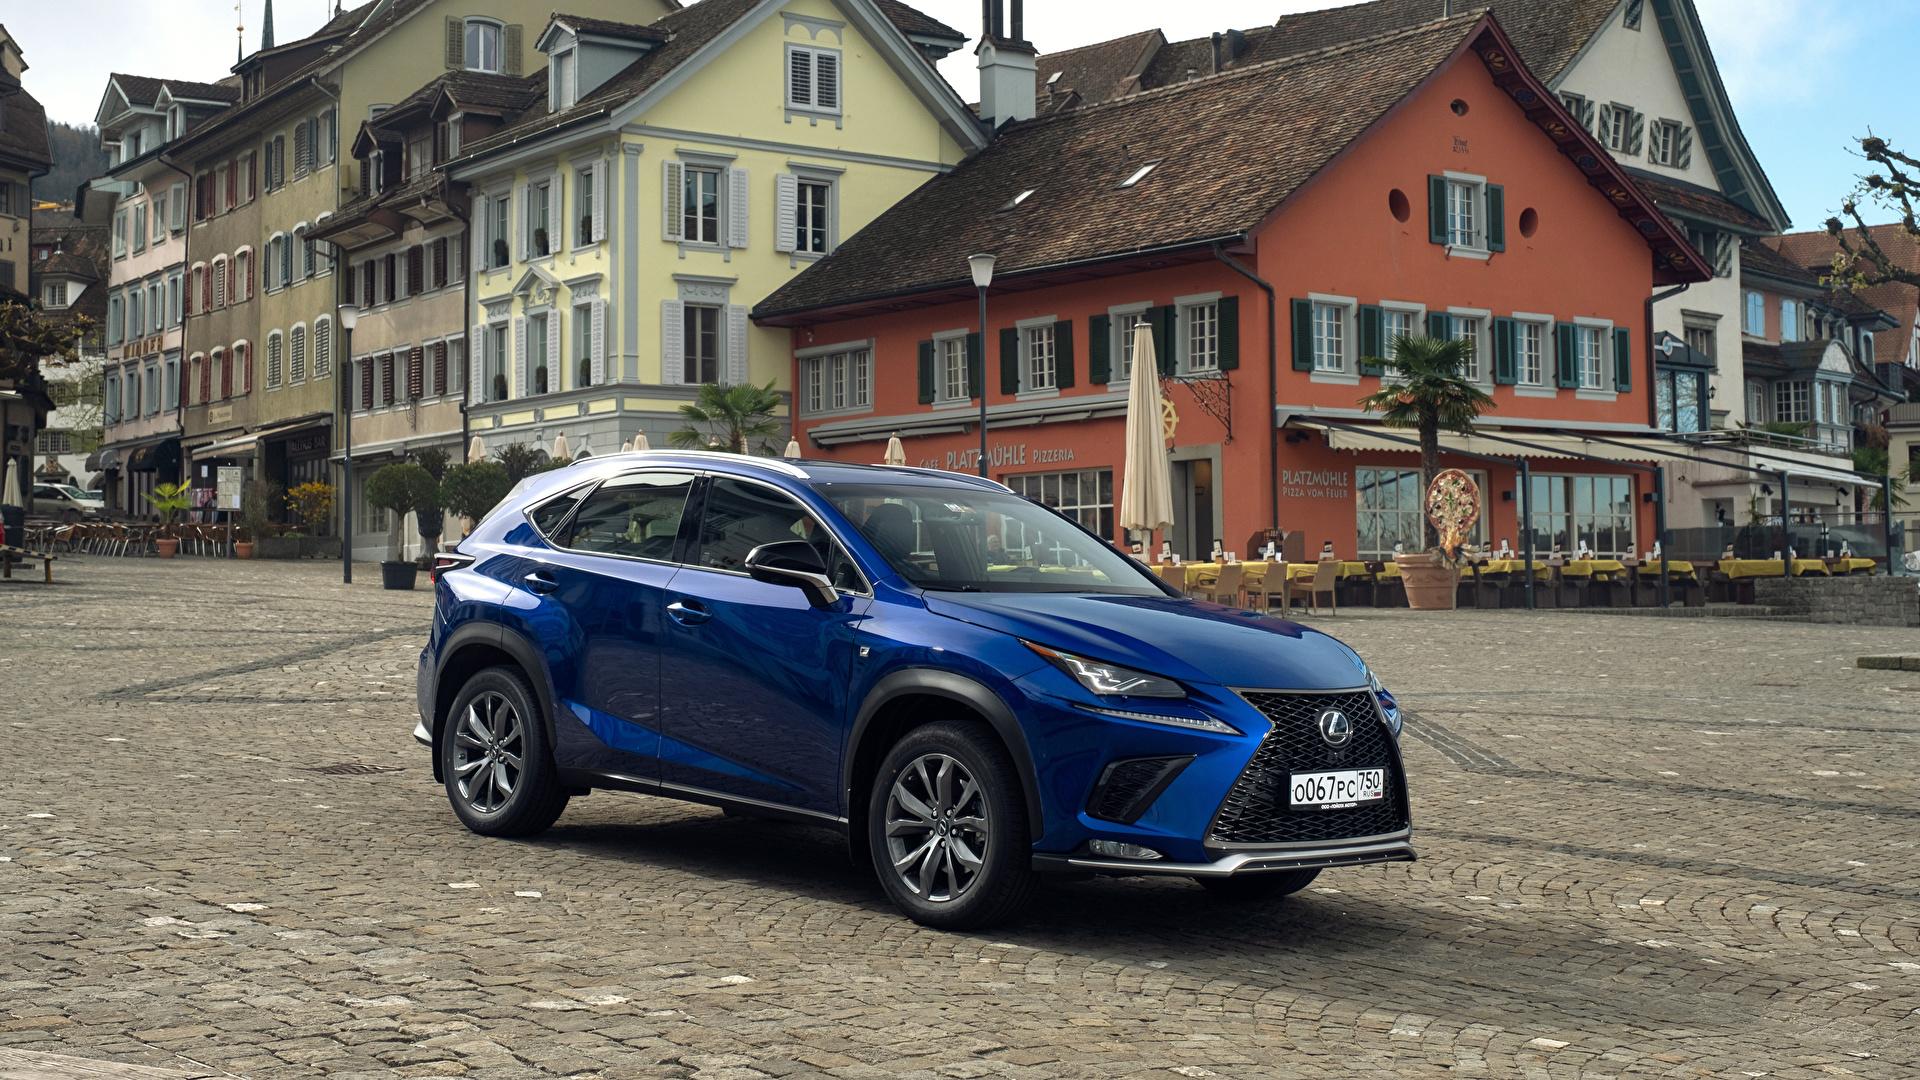 Картинка Лексус 2017-18 NX 300 F SPORT Worldwide синяя авто Металлик 1920x1080 Lexus синих синие Синий машина машины автомобиль Автомобили